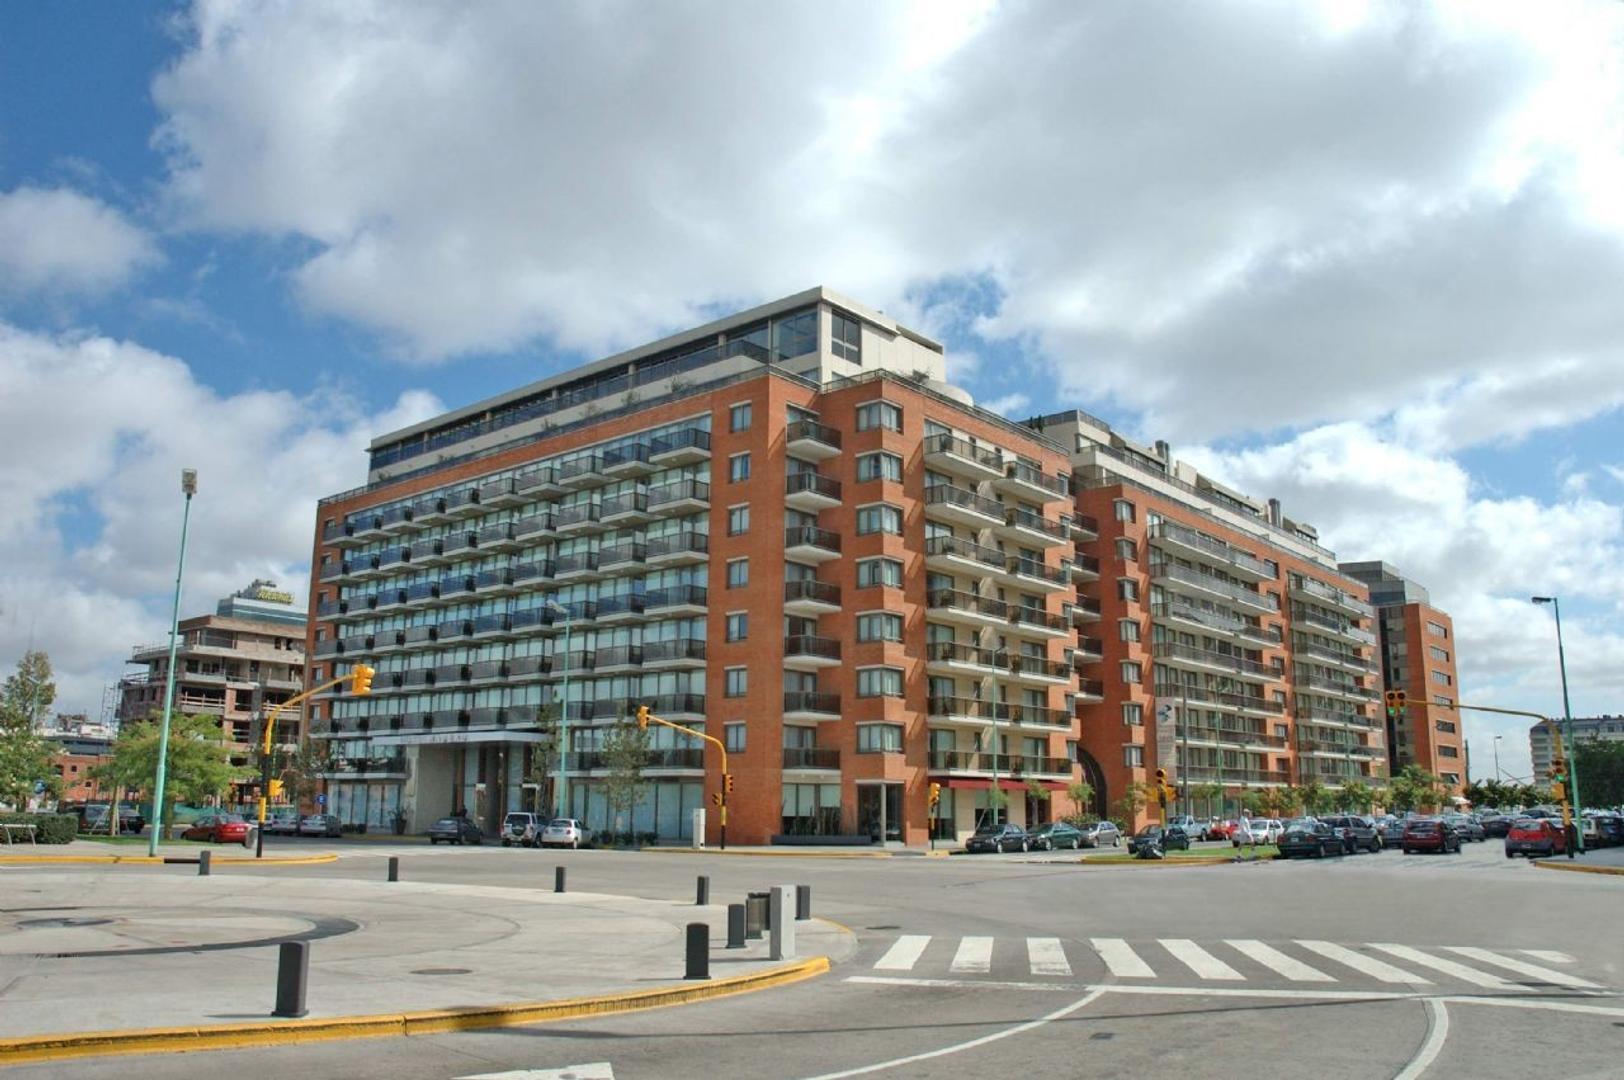 Departamento  en Alquiler ubicado en Puerto Madero, Capital Federal - MAD0119_LP20072_1